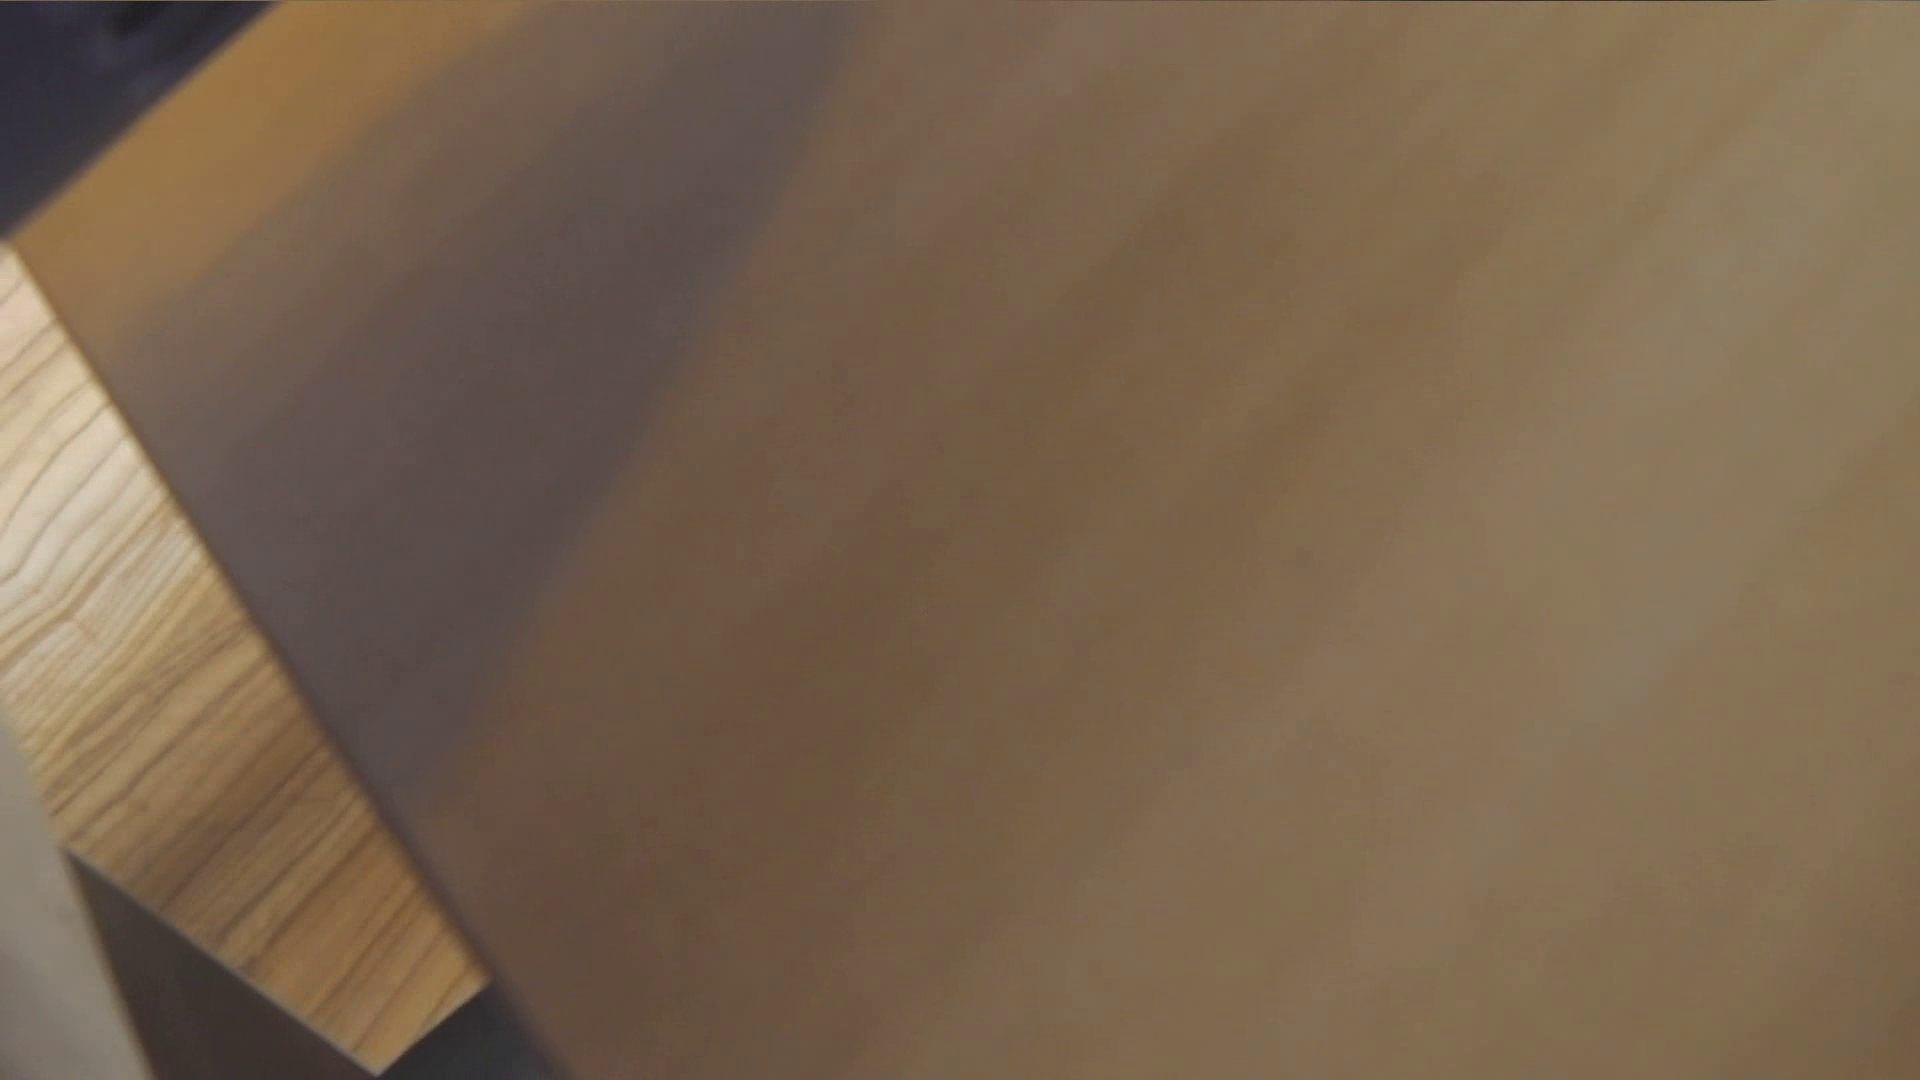 阿国ちゃんの「和式洋式七変化」No.17 洗面所   丸見えマンコ  95画像 28